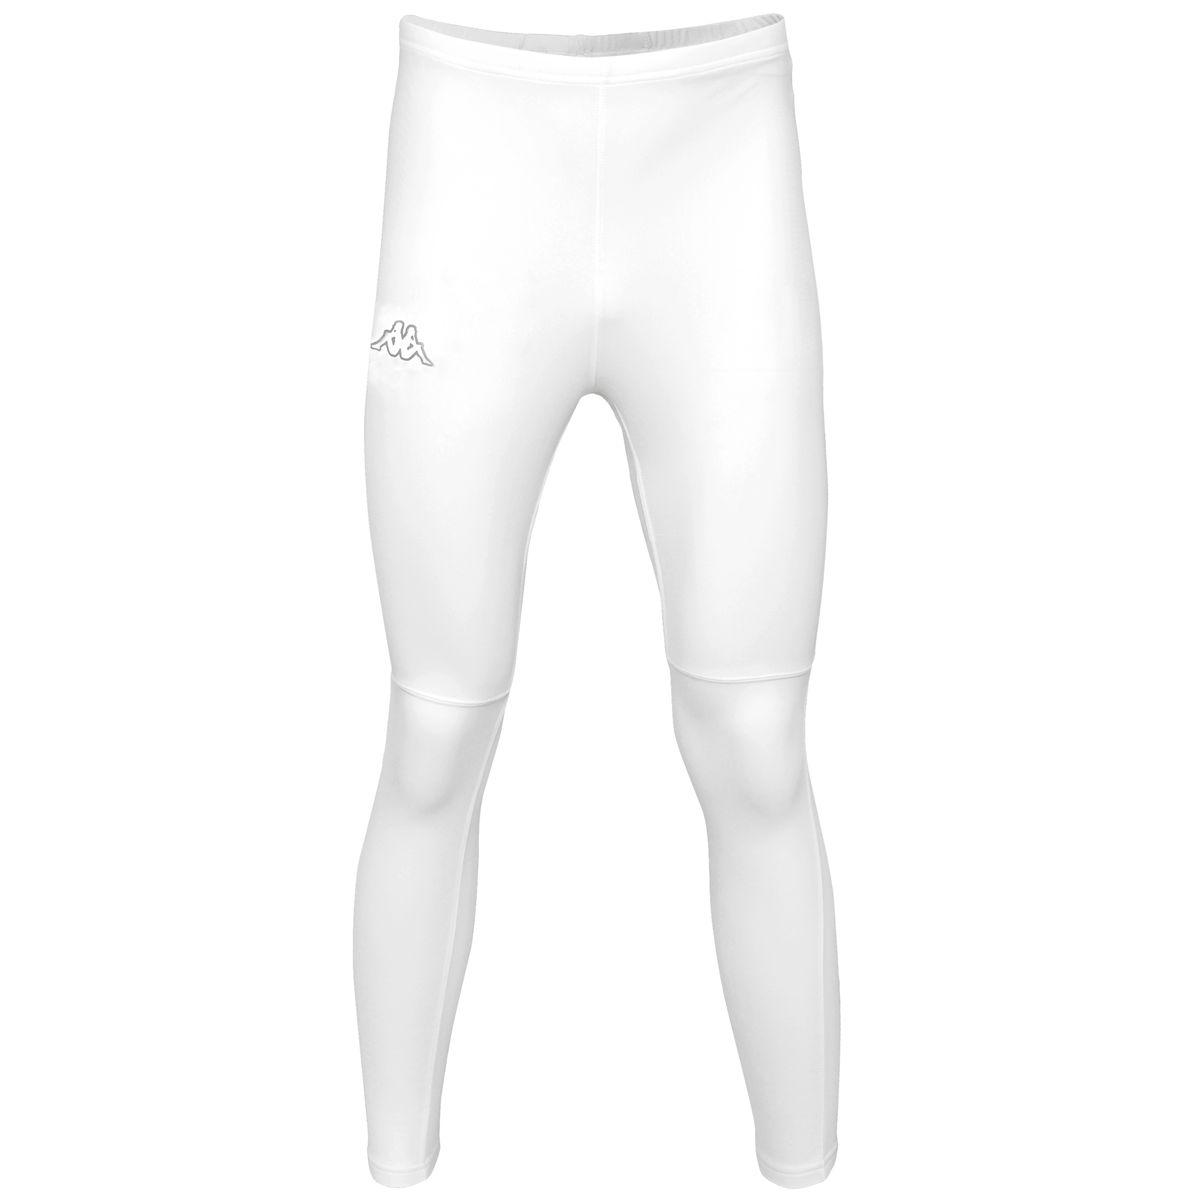 Kappa Underpants underwear Man KAPPA4SKIN KOMBAT NIQUIE Functional Long